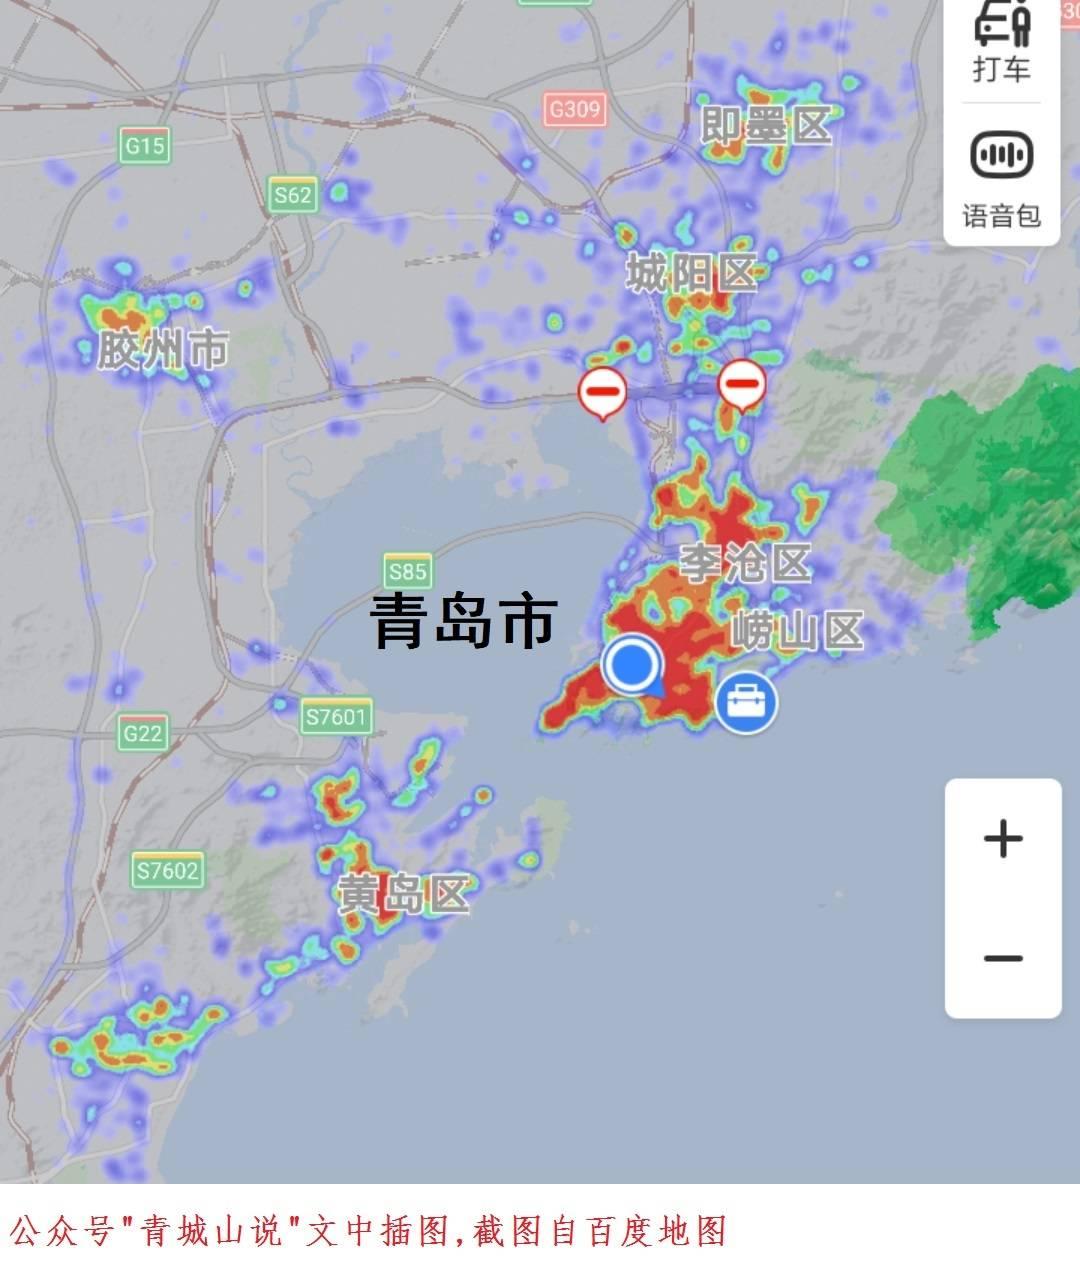 大连 市区人口_大连地图市区地图